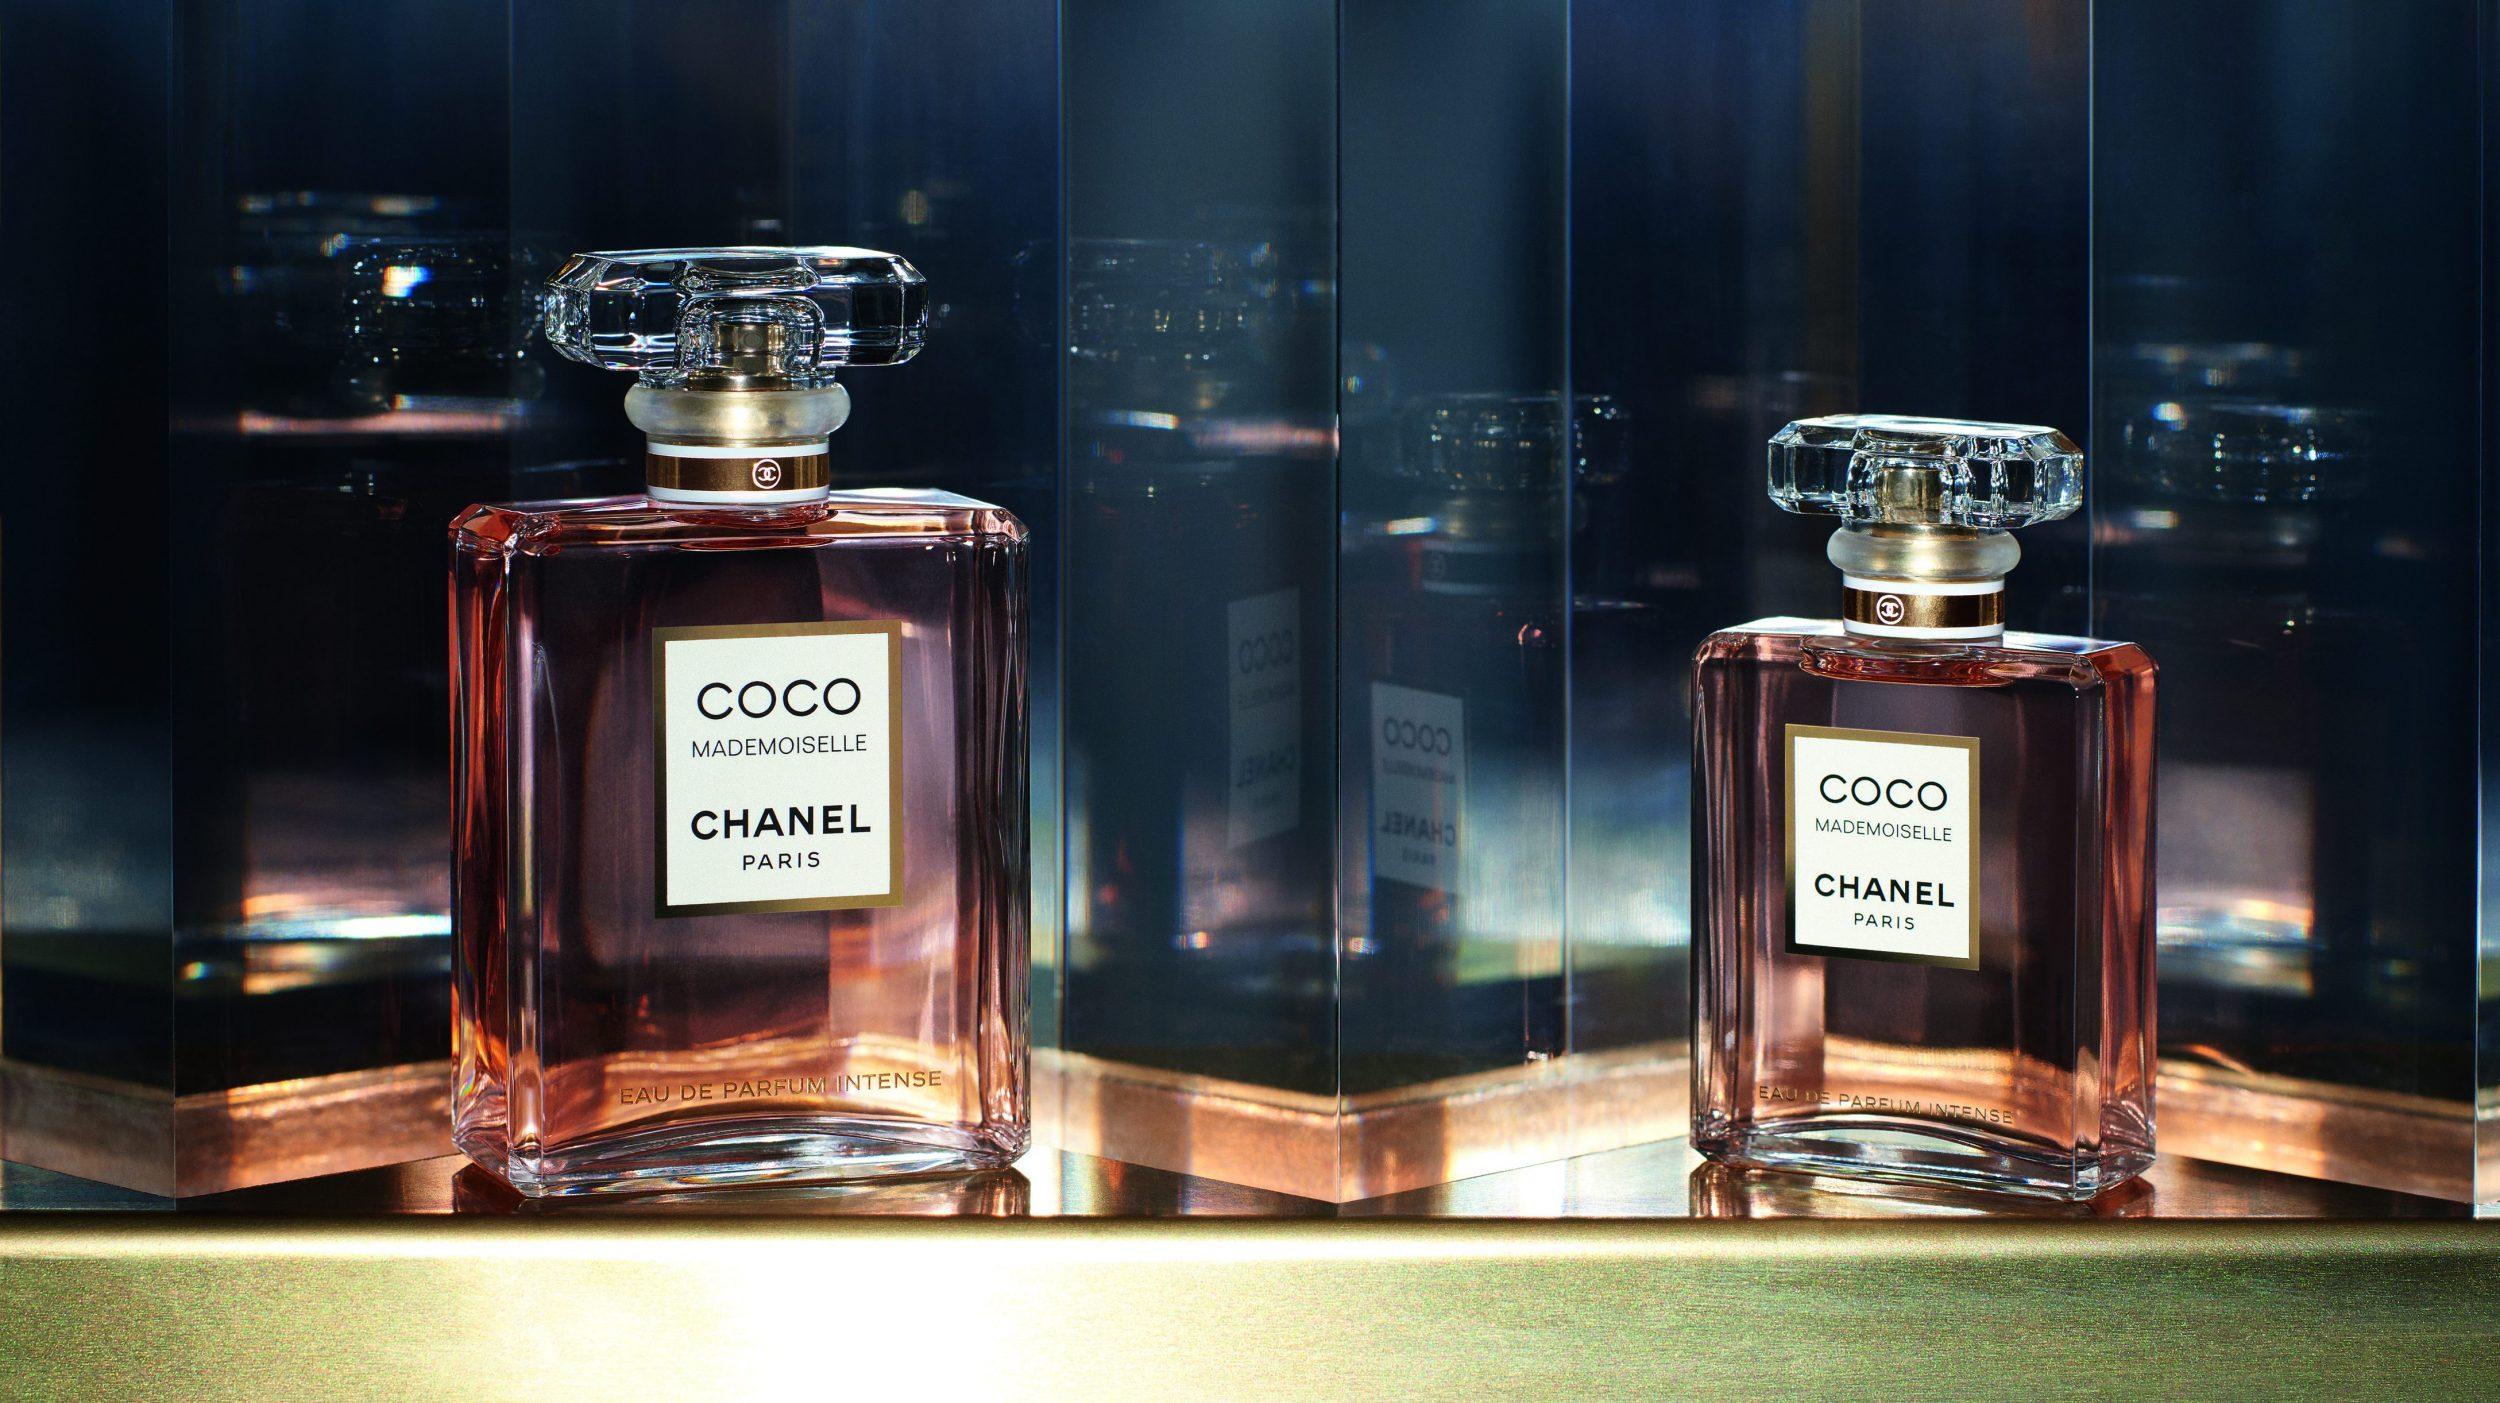 Chanel presenta Coco Mademoiselle Intense en México